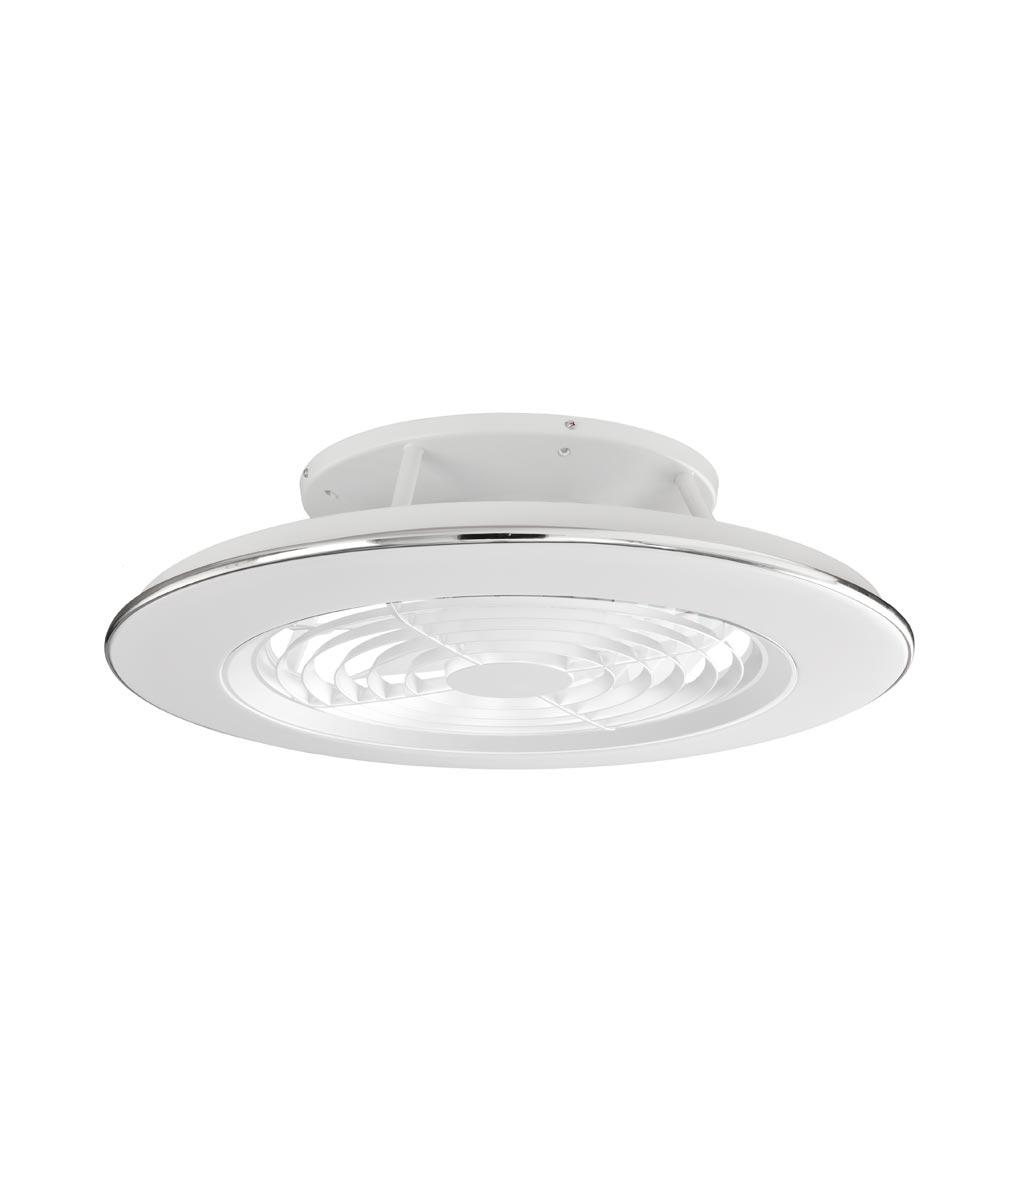 Plafón ventilador Alisio Mantra cromo y blanco LED